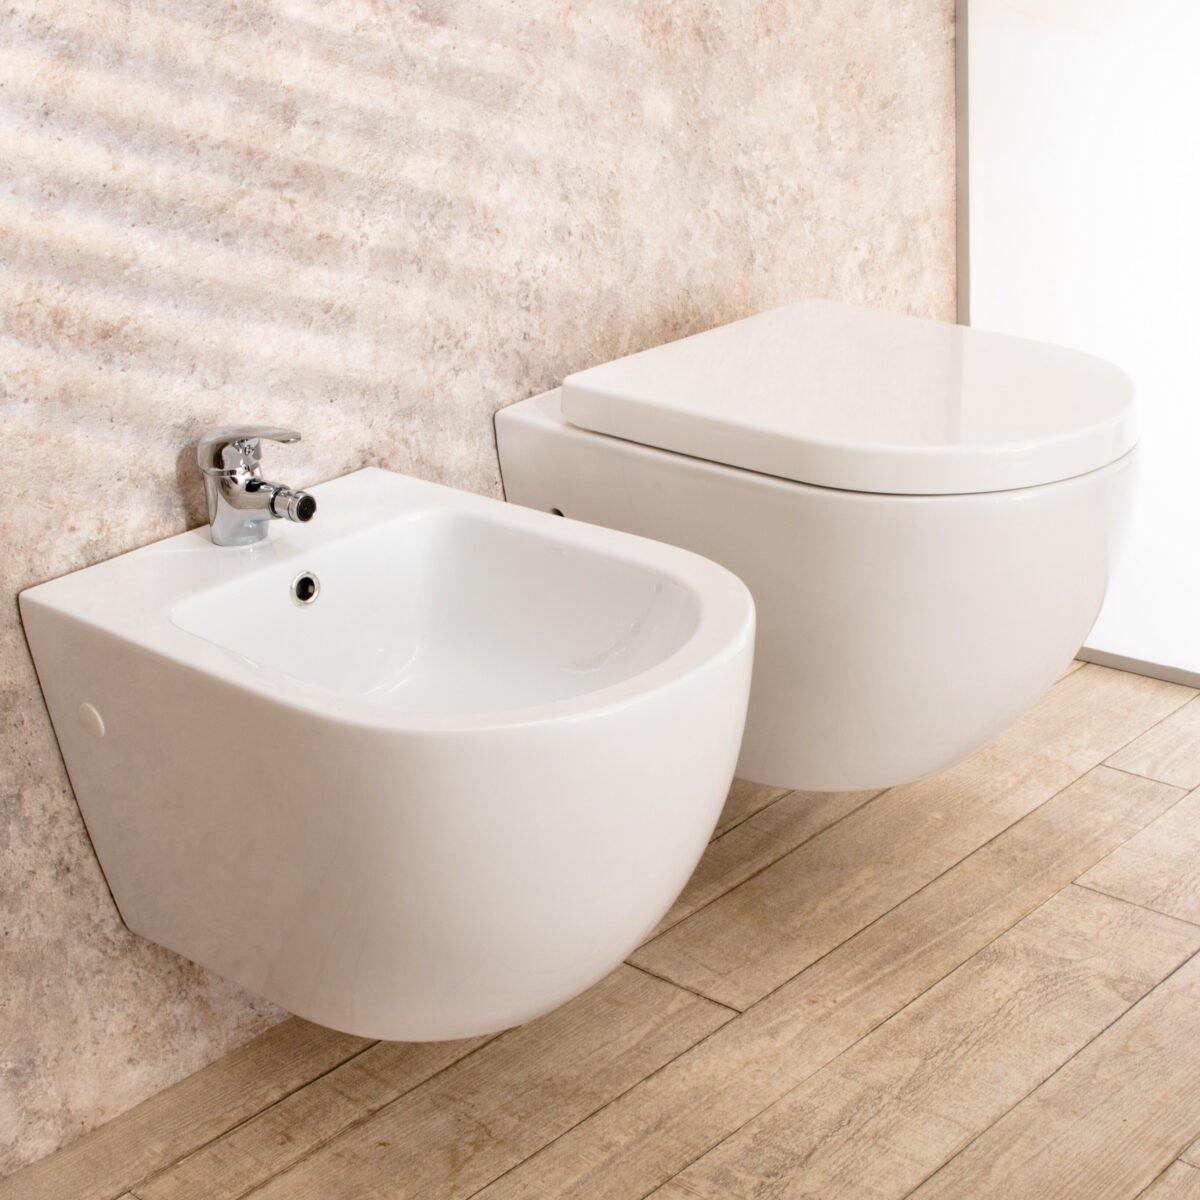 come-ristrutturare-un-bagno-senza-demolizioni-18